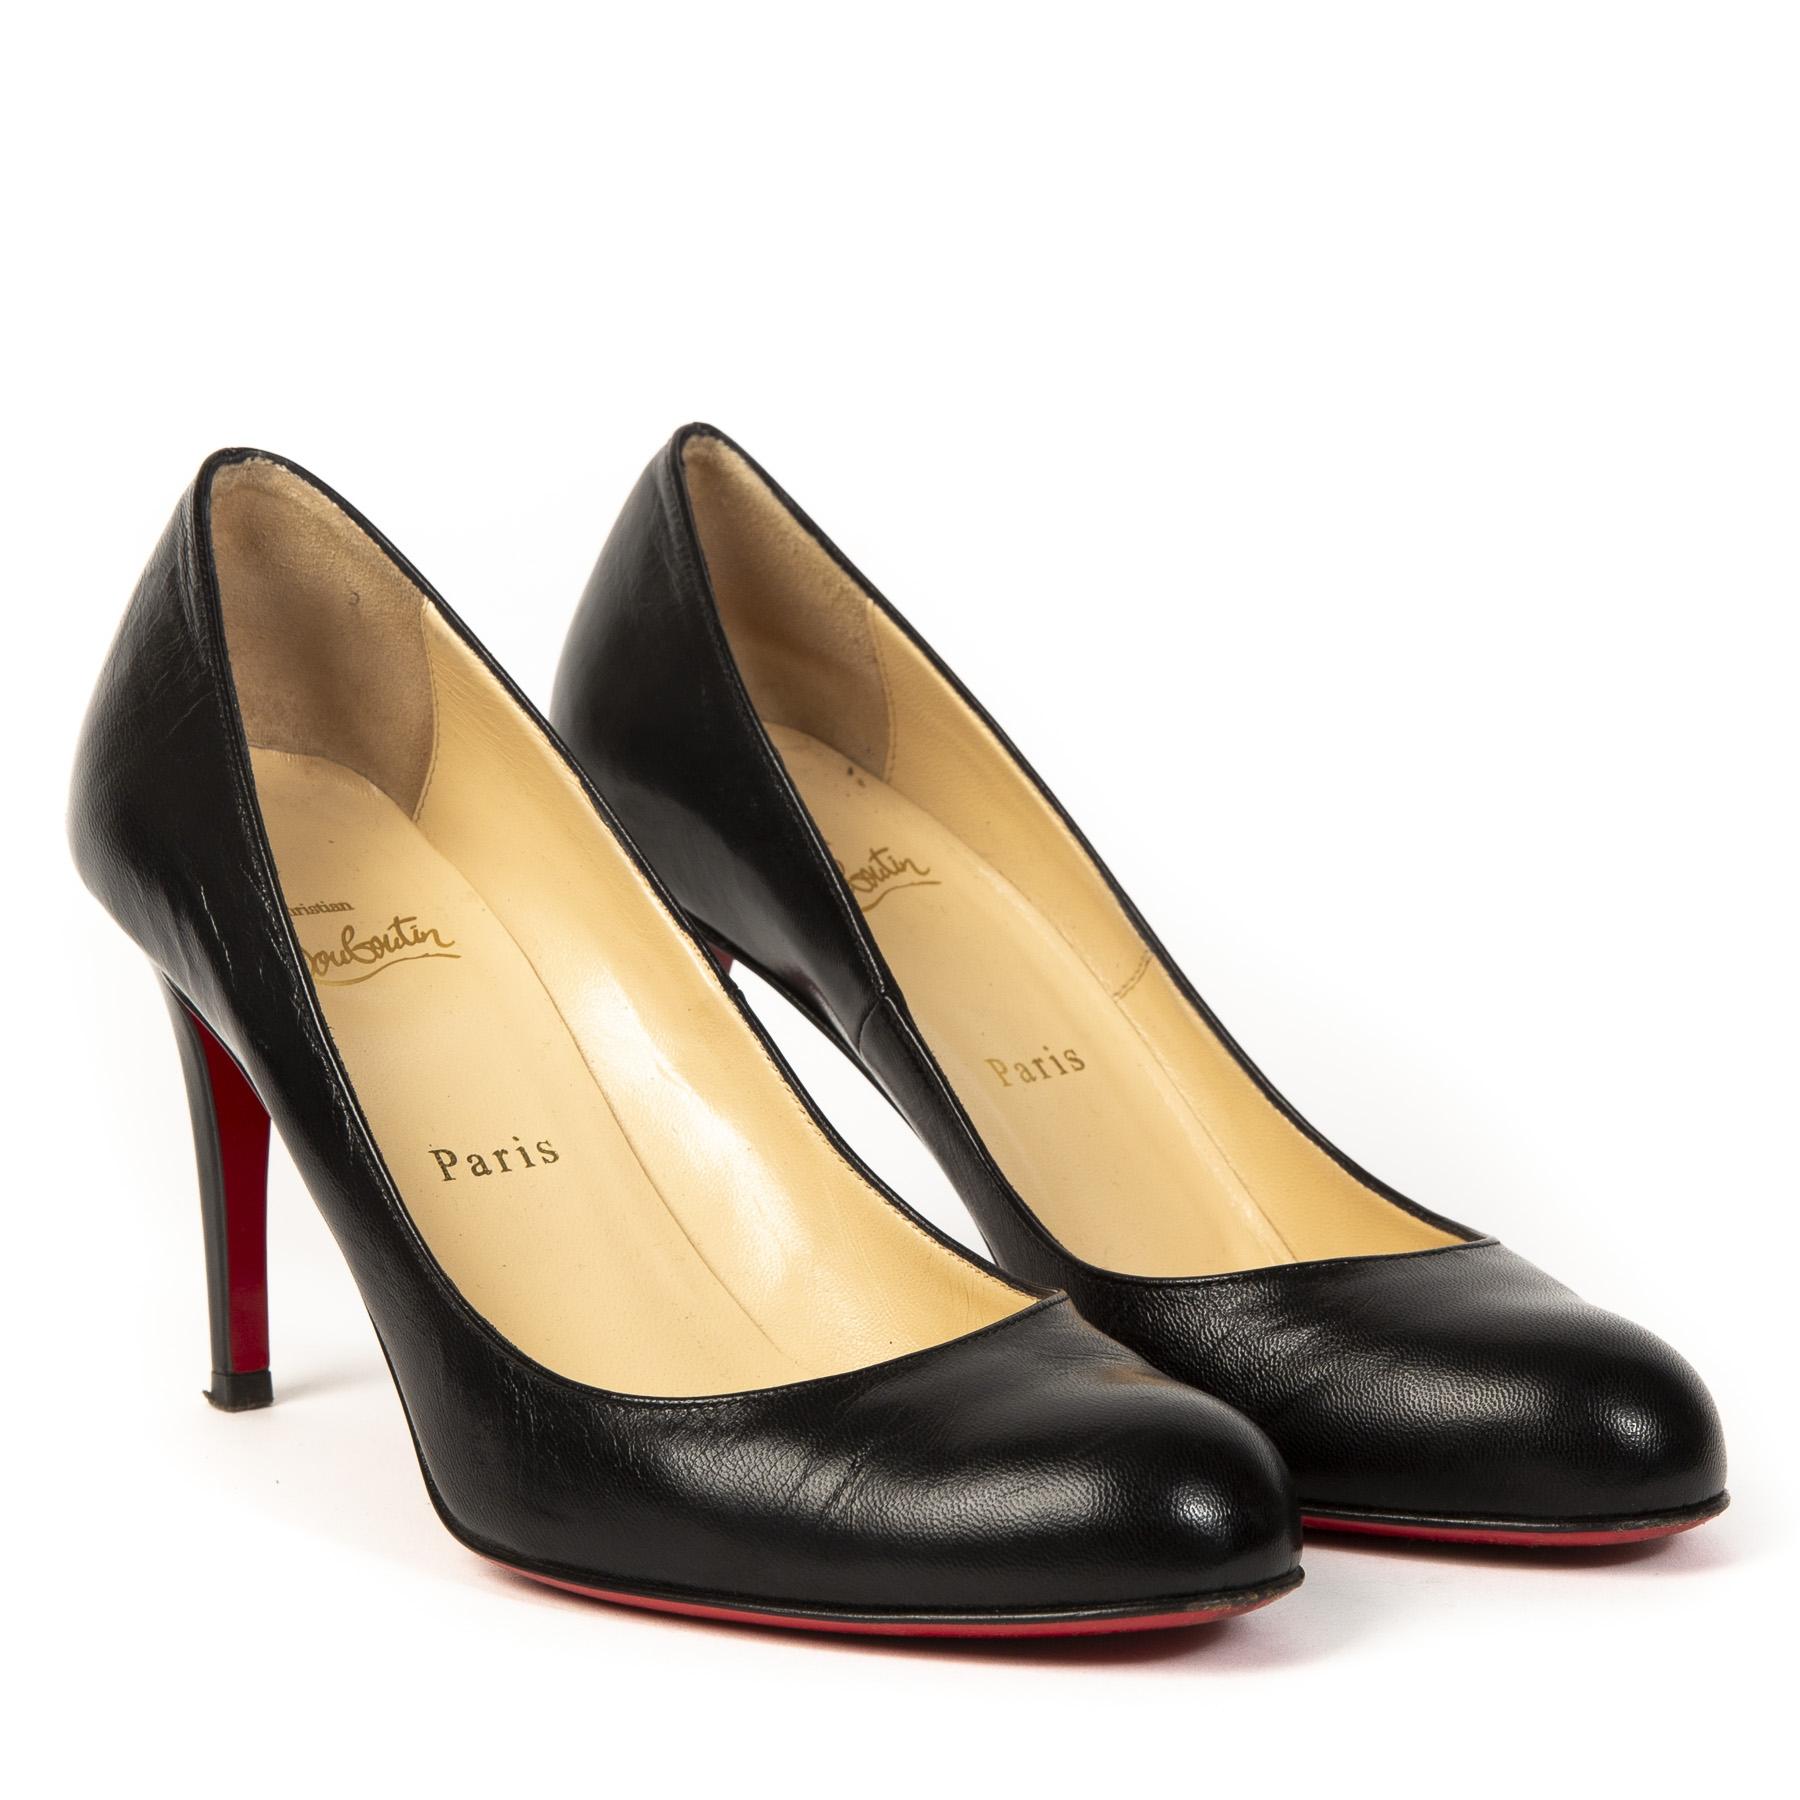 Authentieke Tweedehands Christian Louboutin Black Classic 85 Leather Round Toe Pumps juiste prijs veilig online shoppen luxe merken webshop winkelen Antwerpen België mode fashion